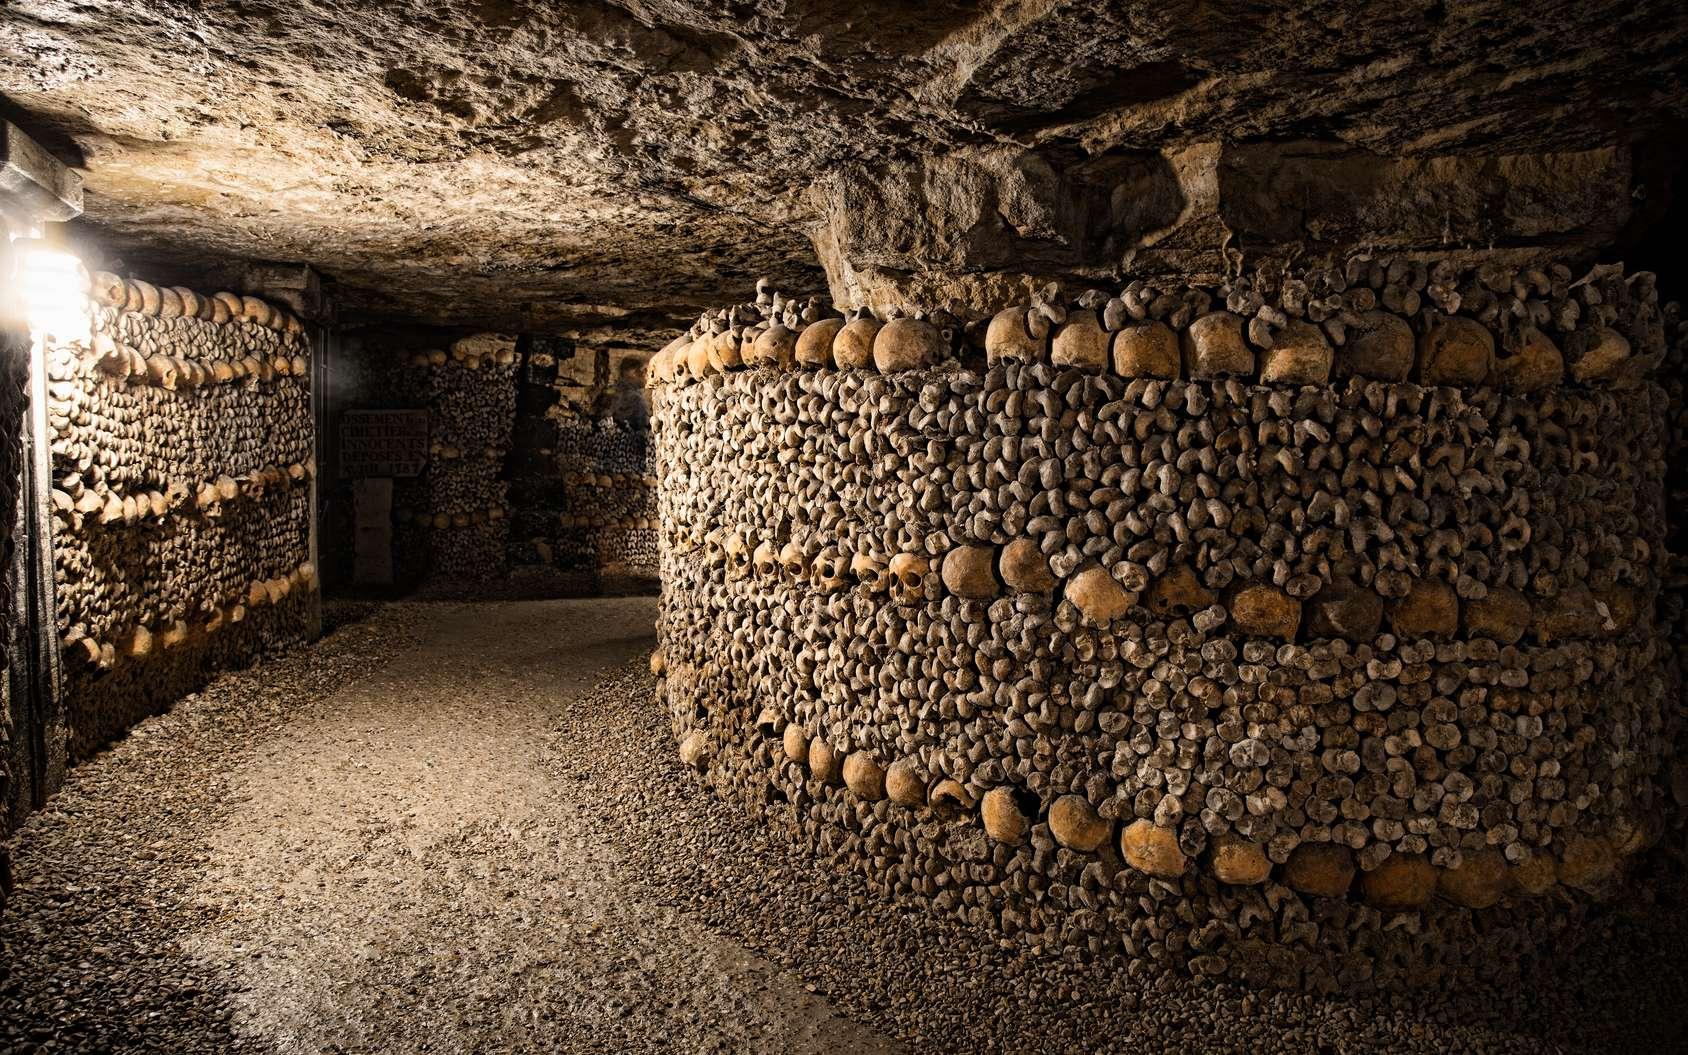 Parmi les visites insolites à Paris, les catacombes. © dirk94025, fotolia